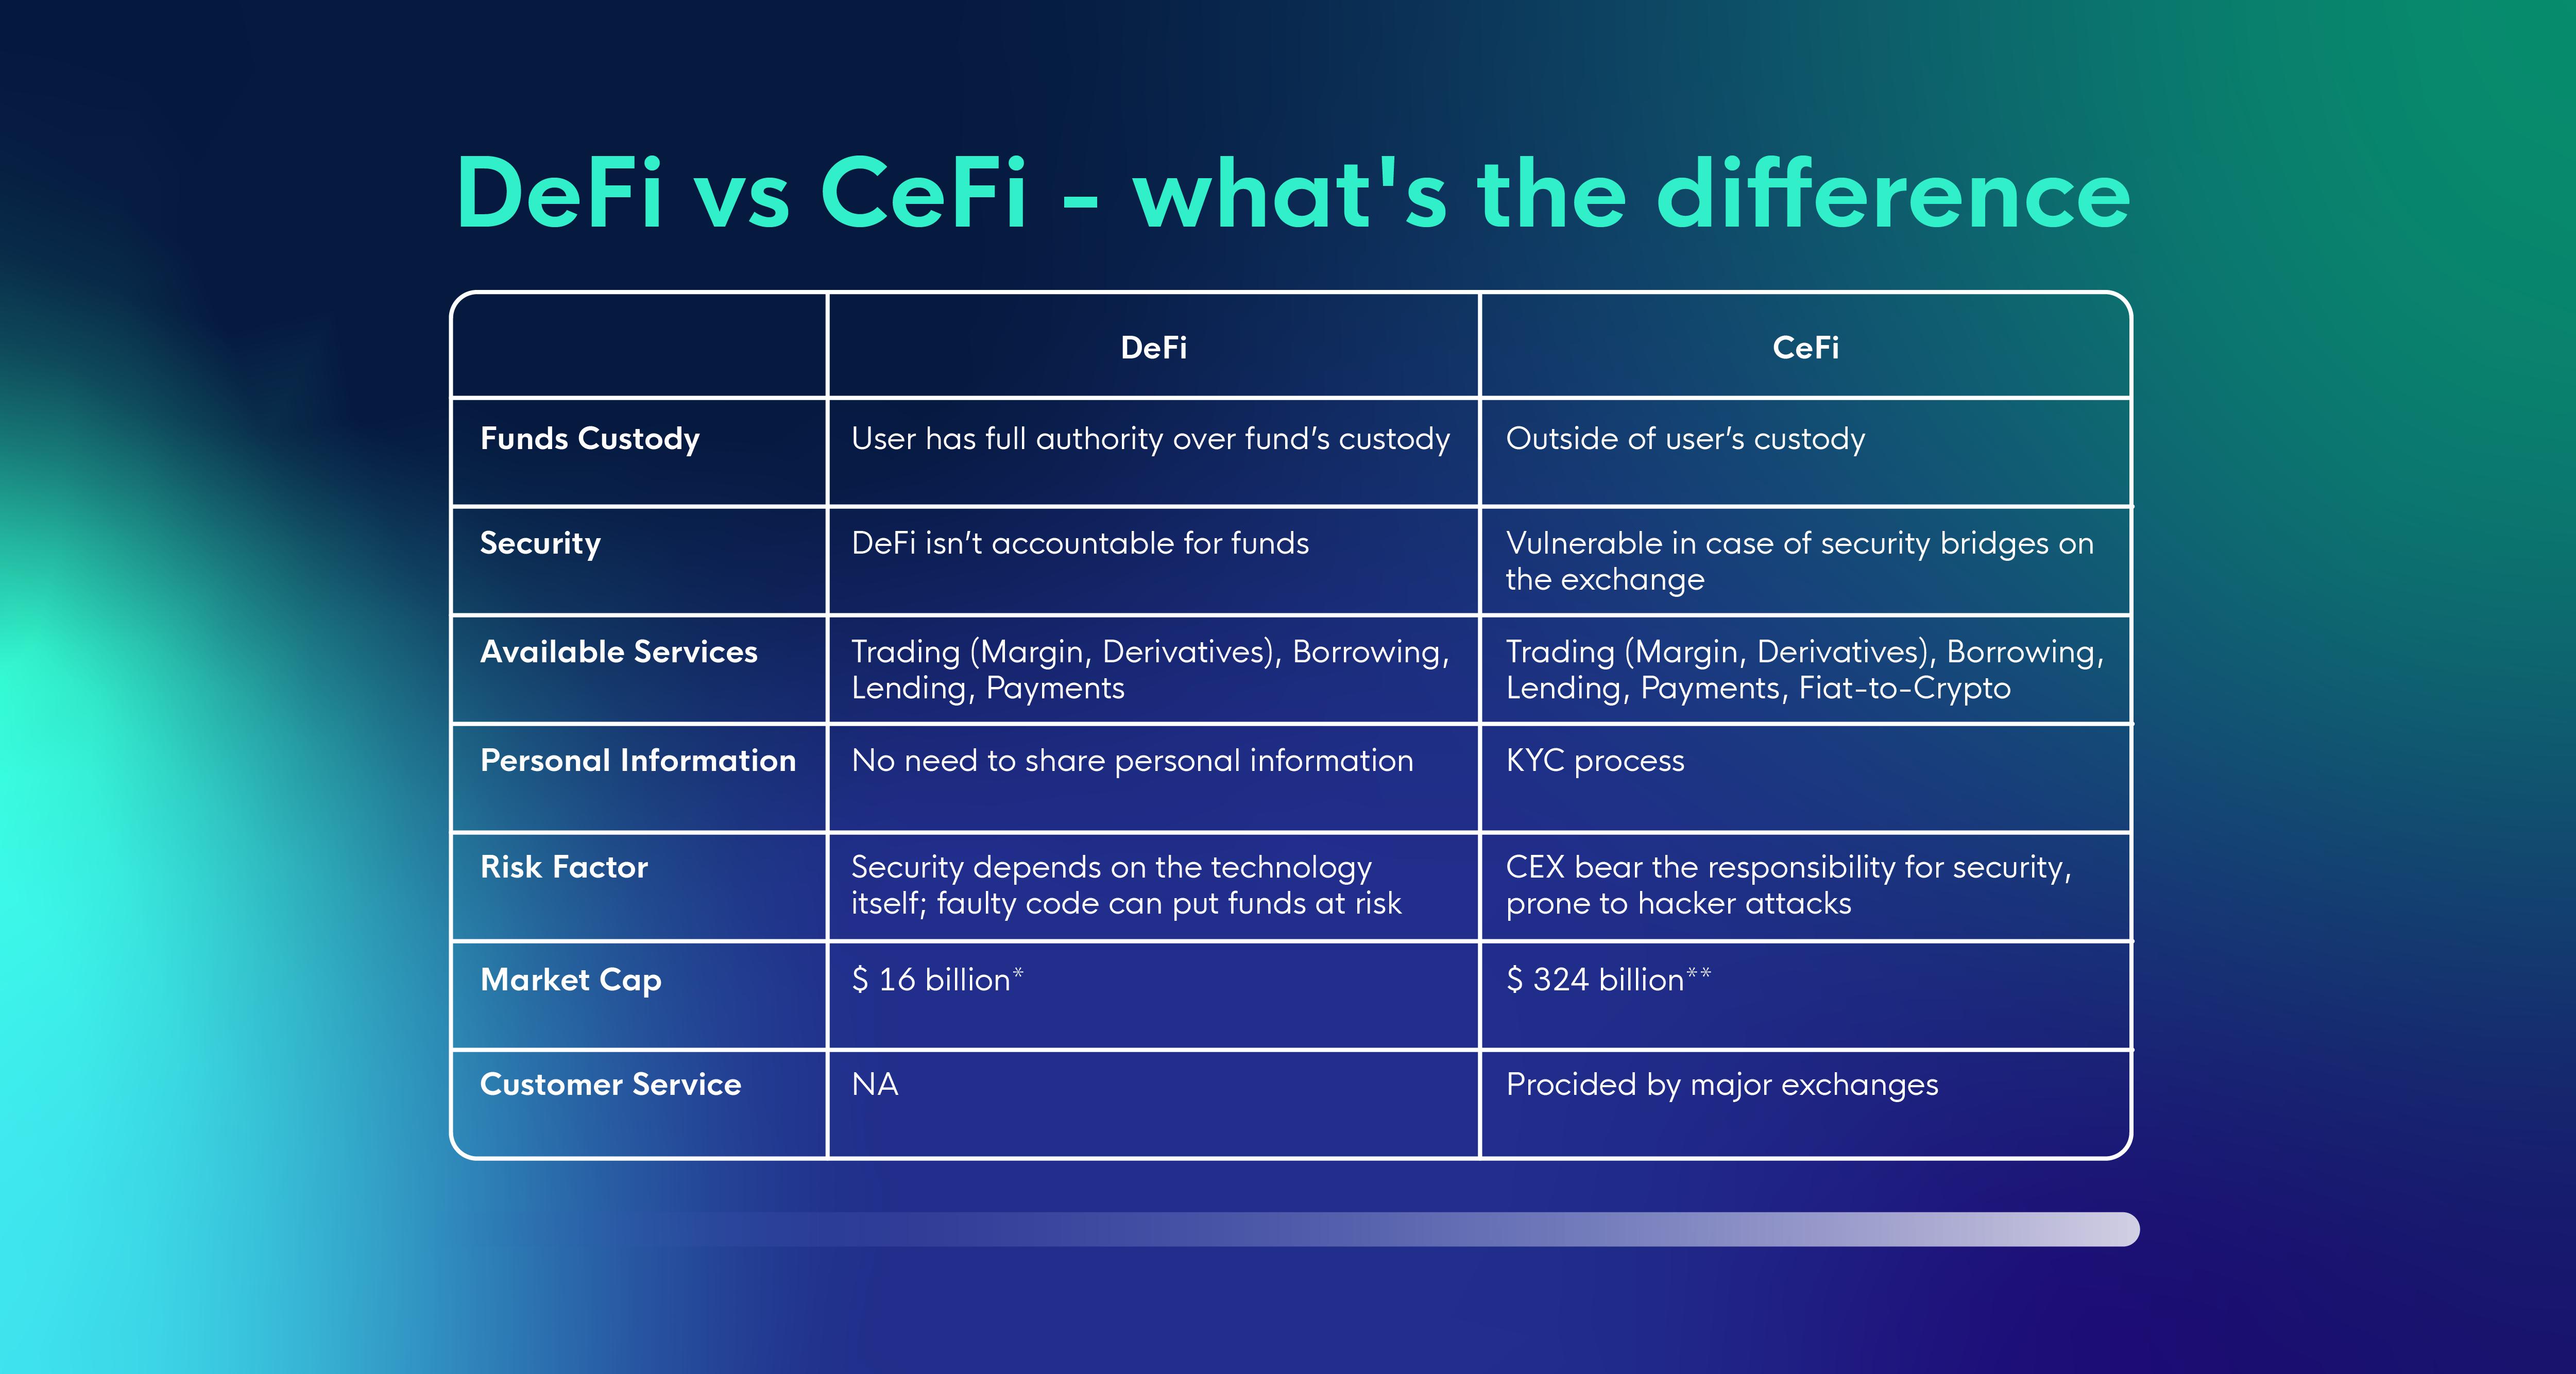 DeFi vs CeFi